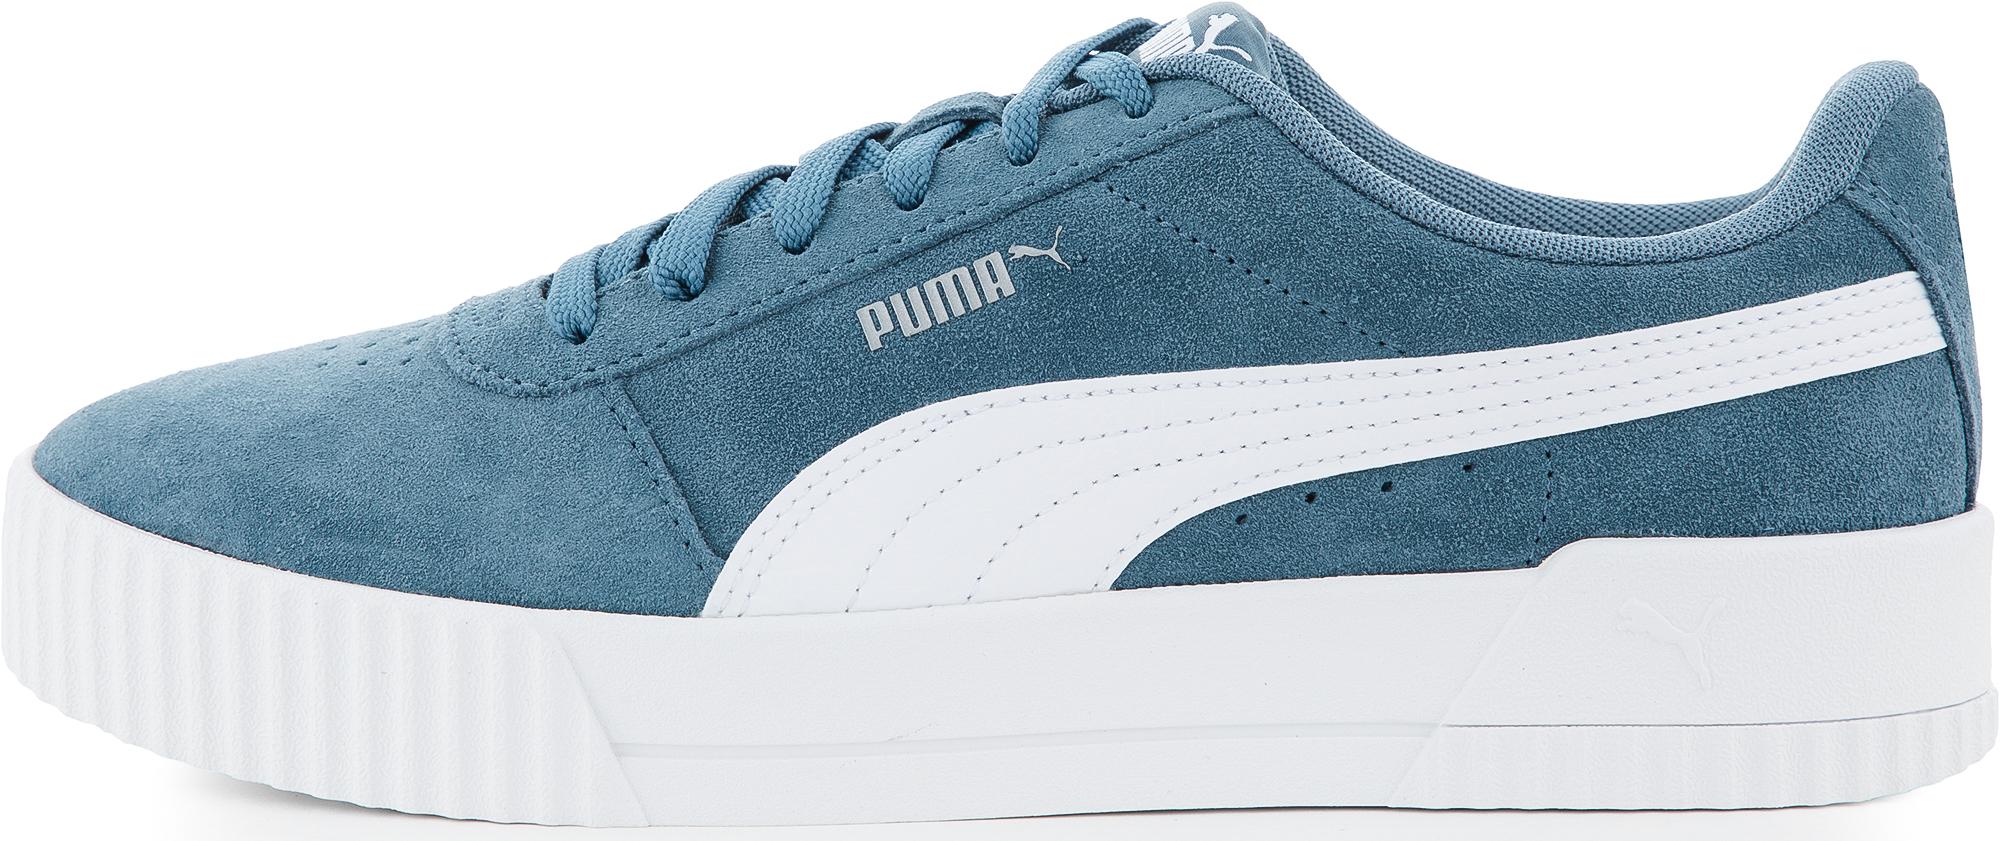 Puma Кеды женские Puma Carina, размер 38 цены онлайн